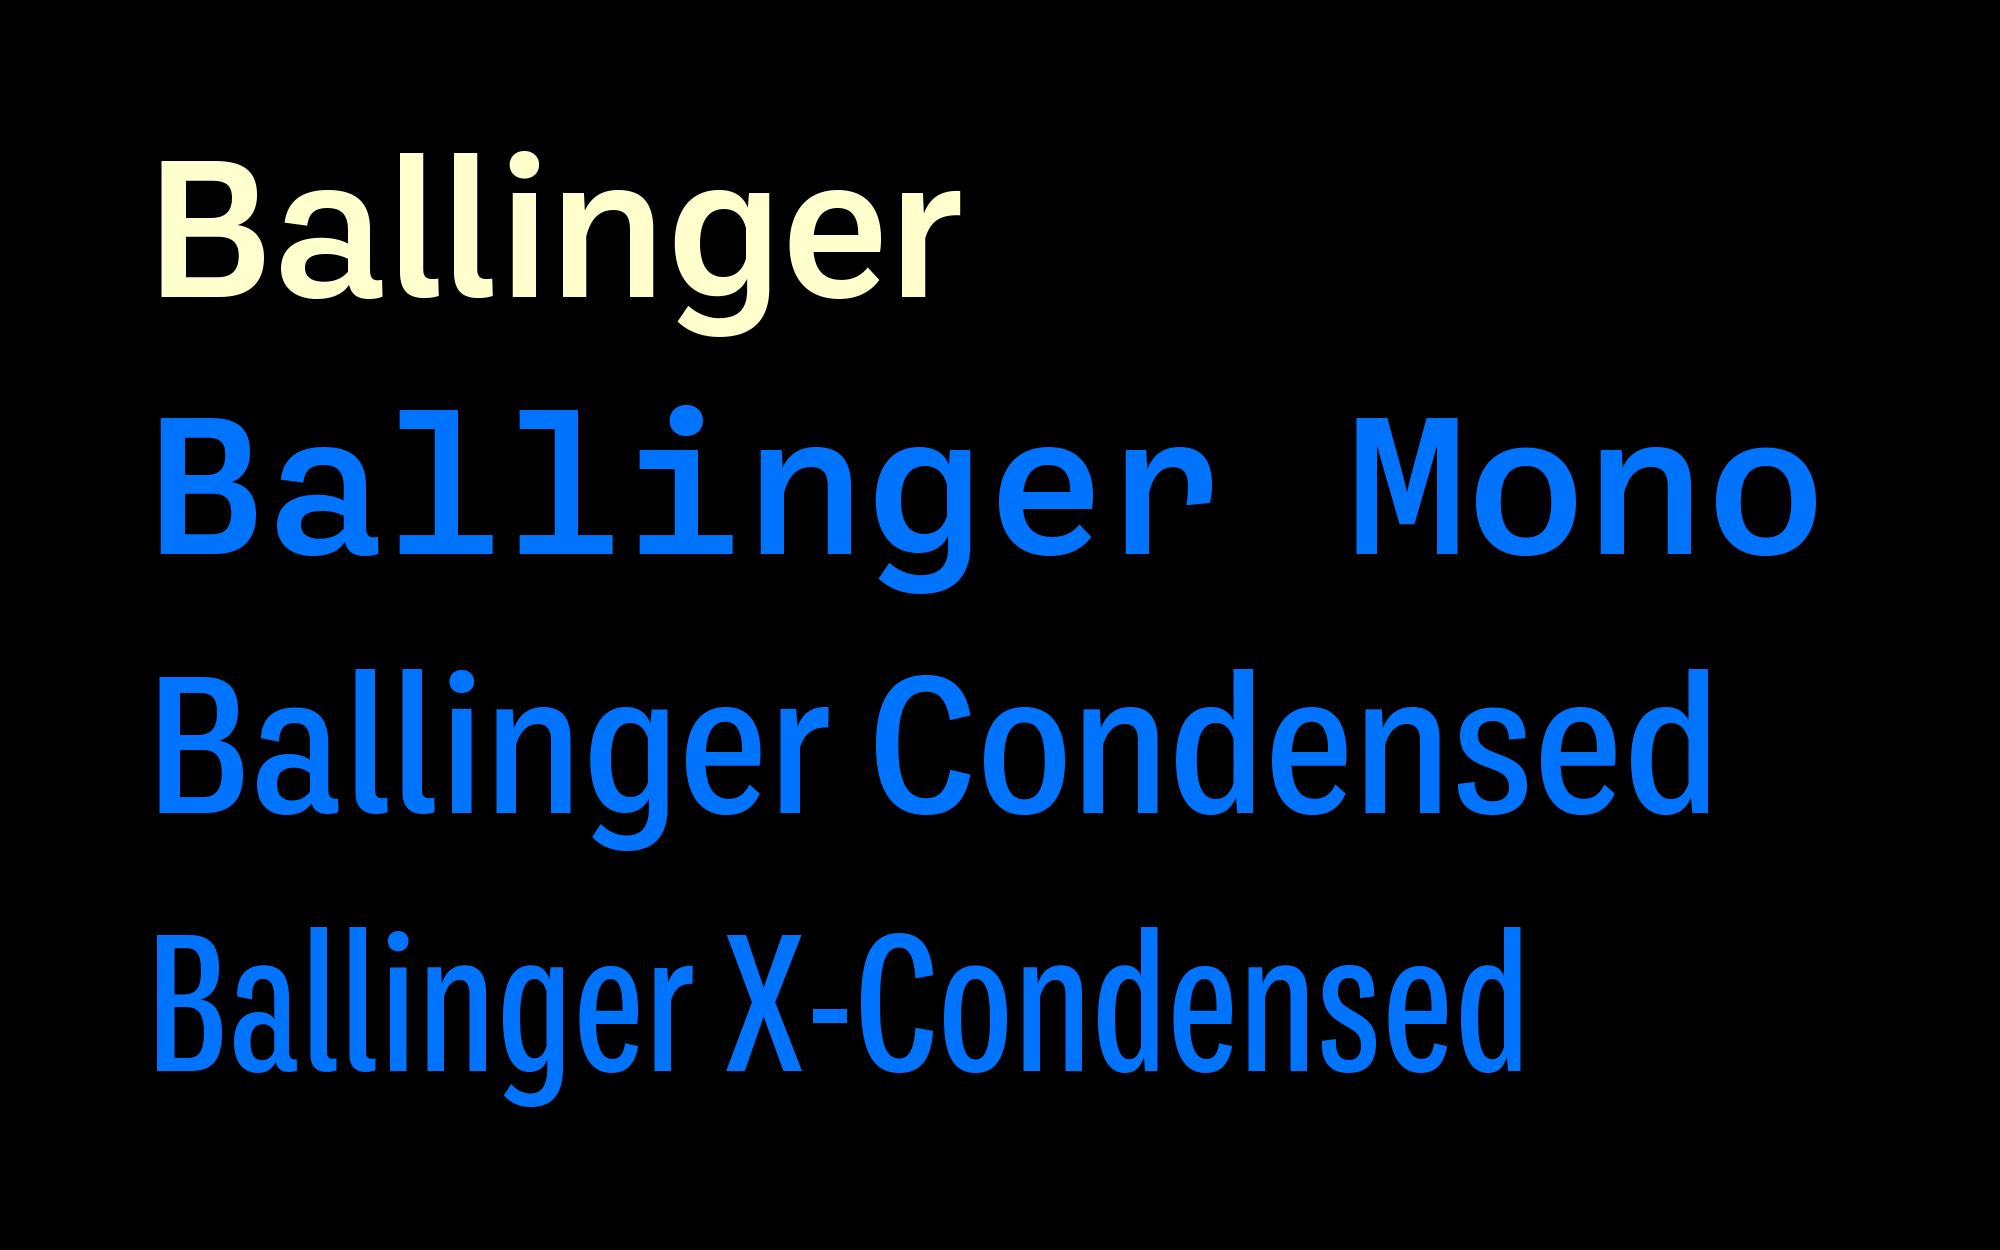 Cover image: Ballinger